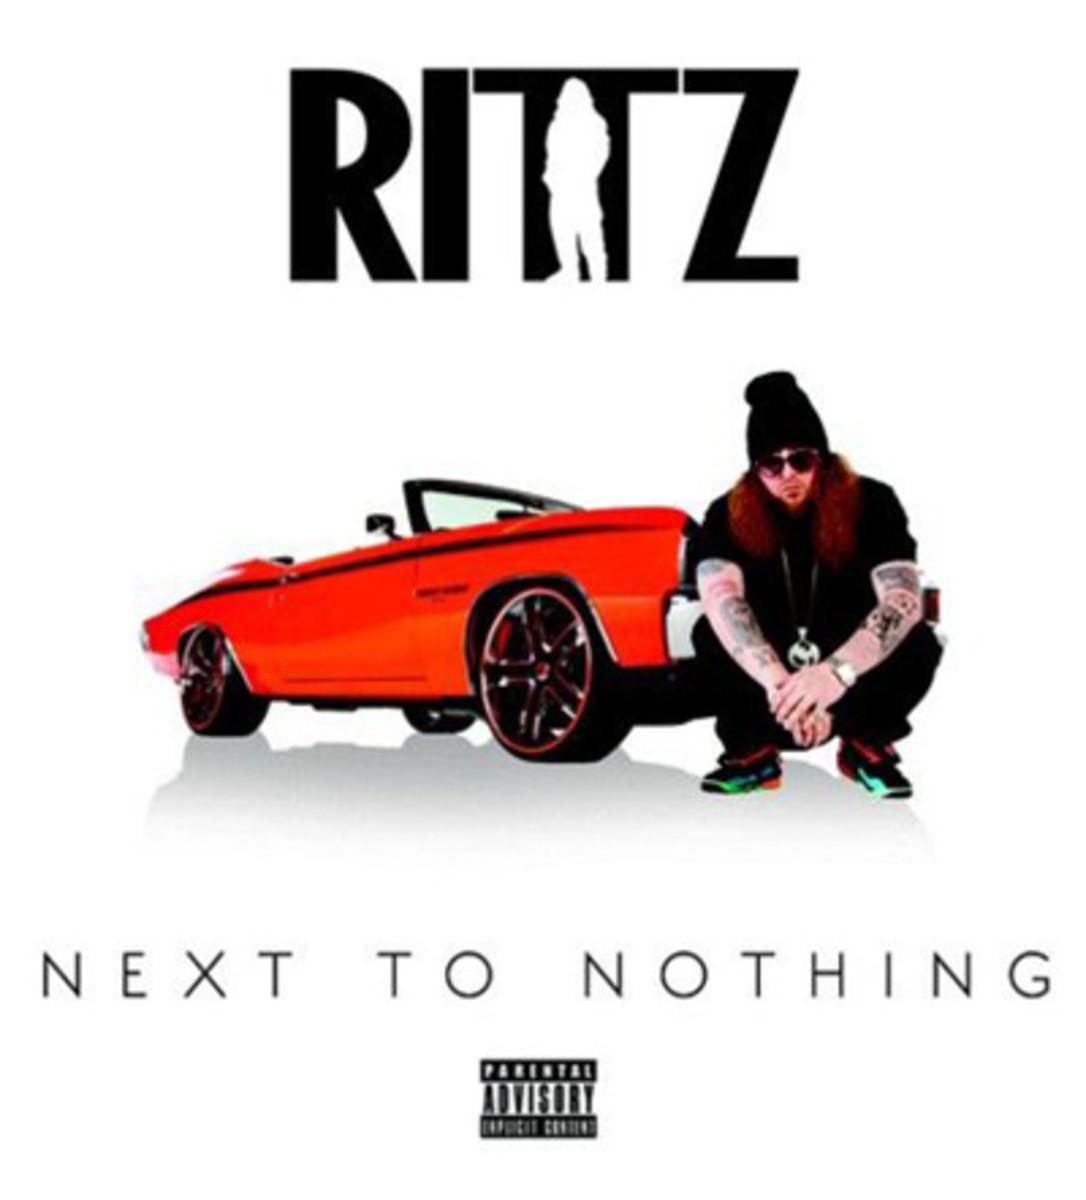 rittz-next-to-nothing.jpg